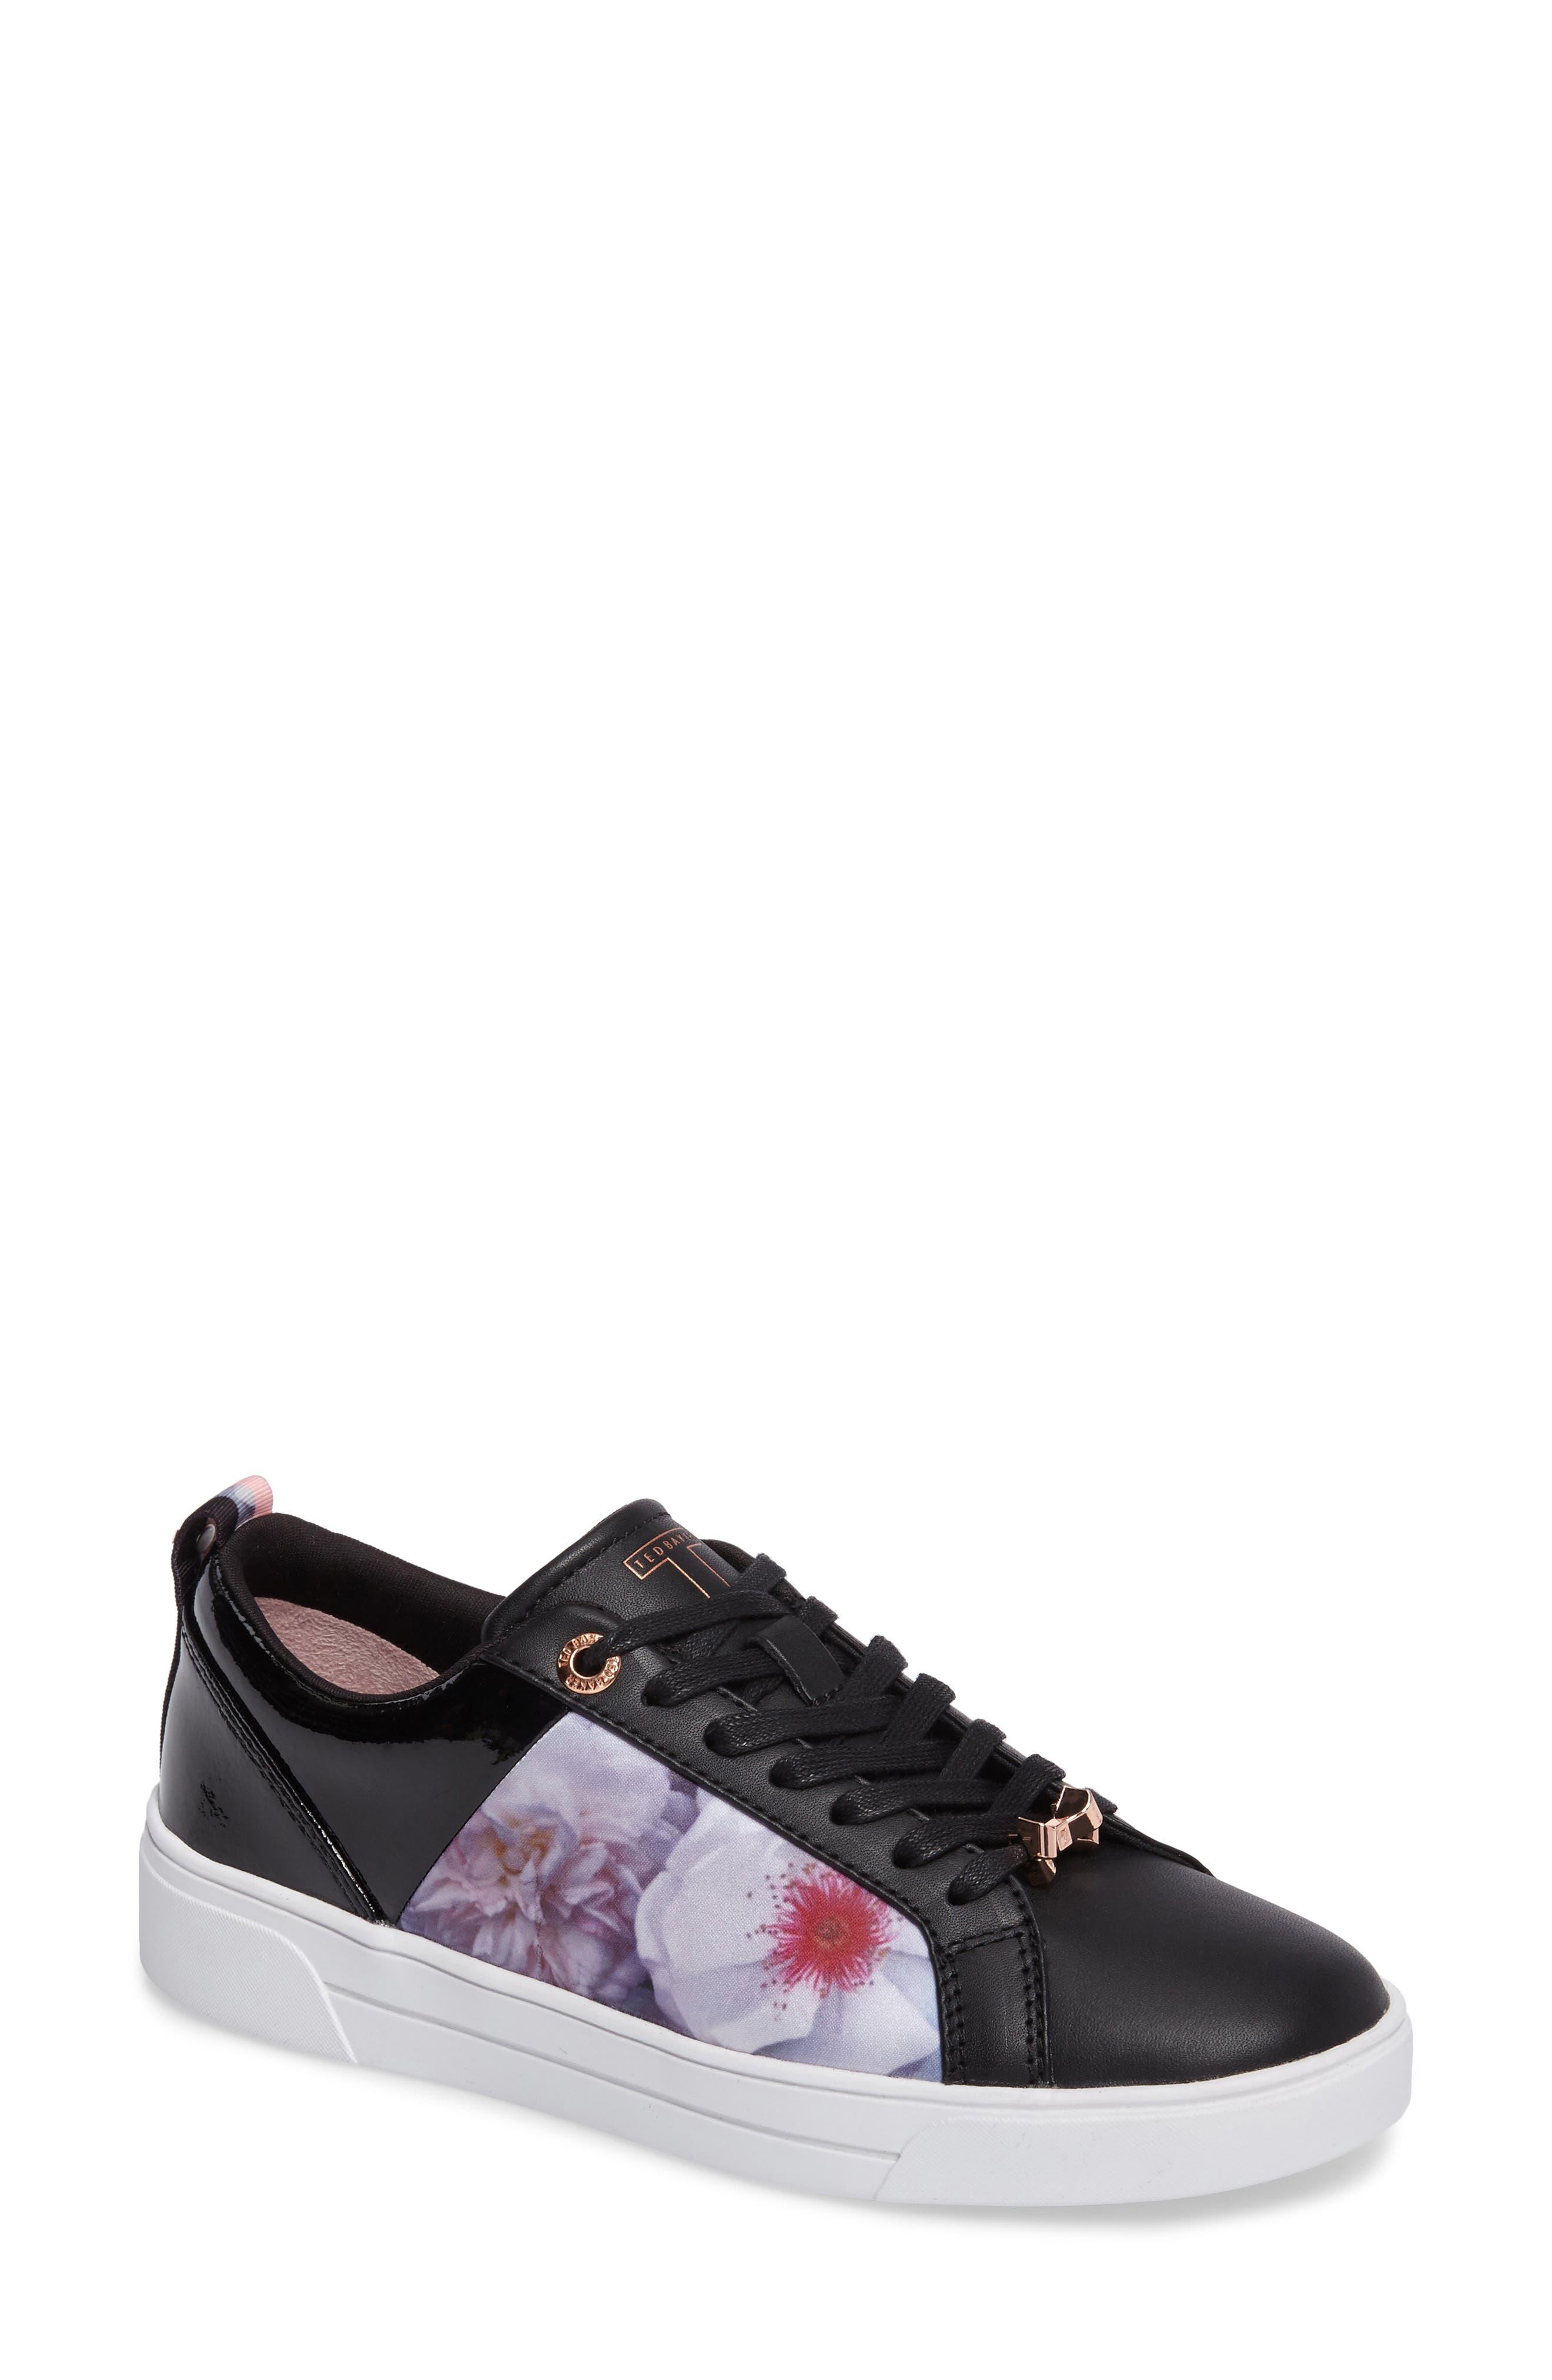 Fushar Sneaker,                             Main thumbnail 1, color,                             001